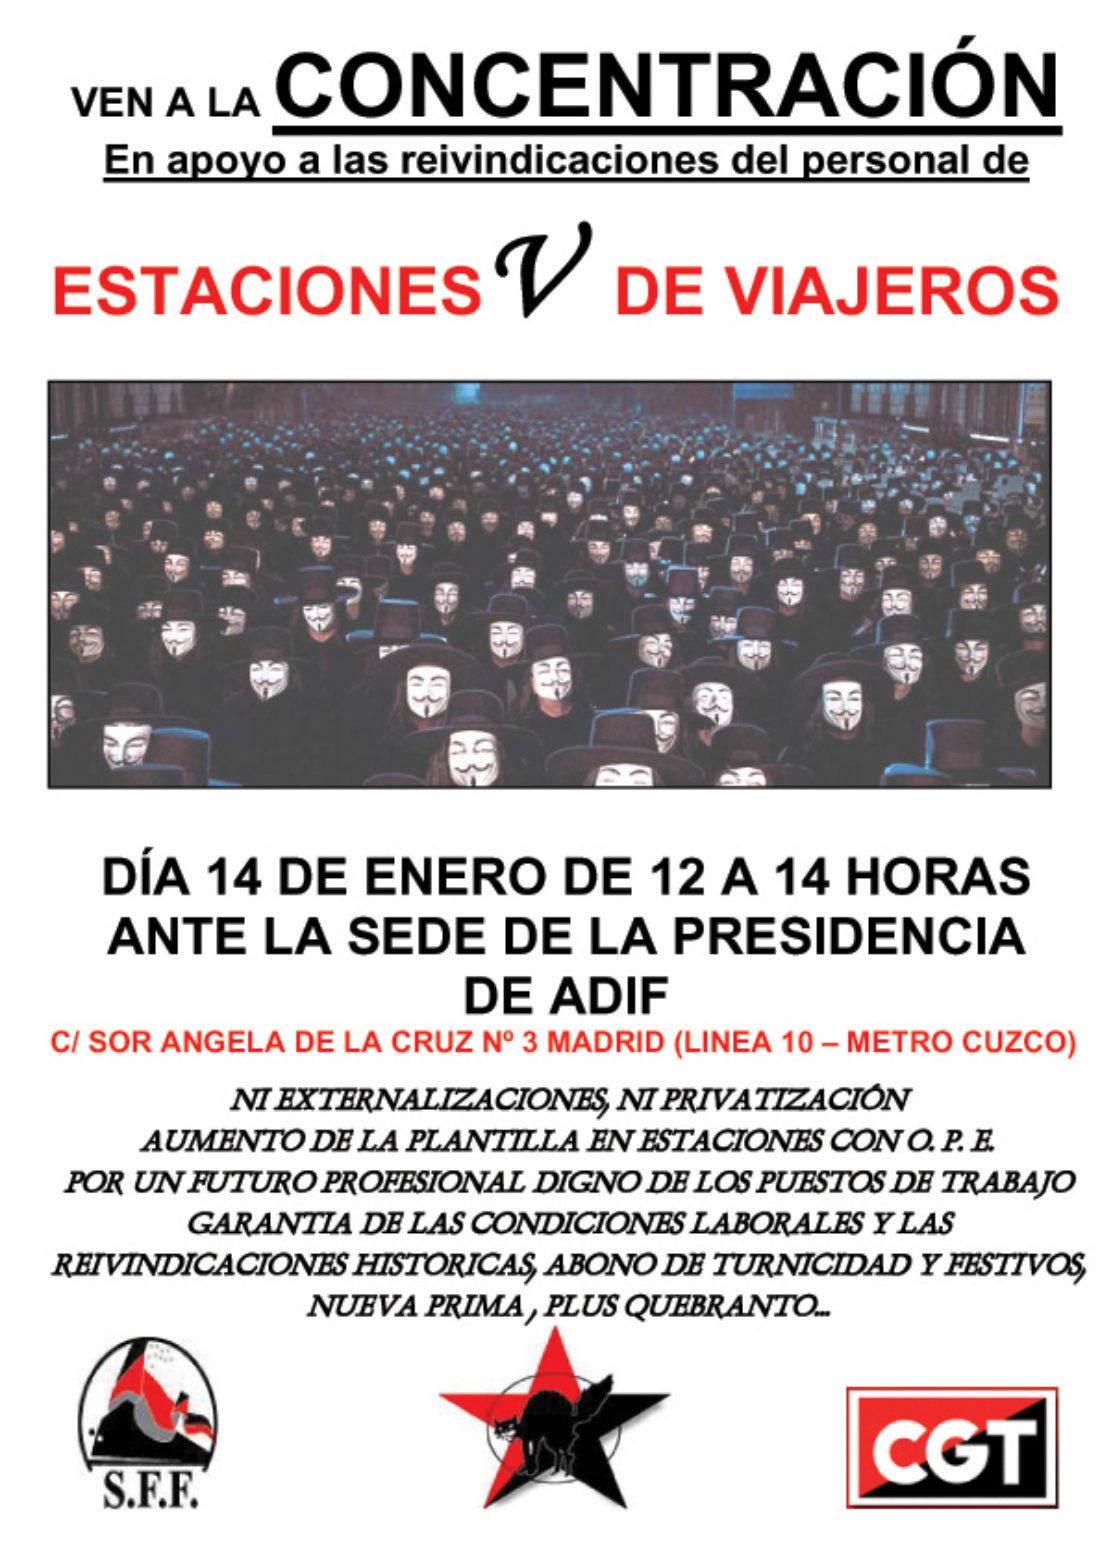 Madrid, 14 de enero: concentración de CGT en apoyo a las reivindicaciones del personal de Estaciones de Viajeros